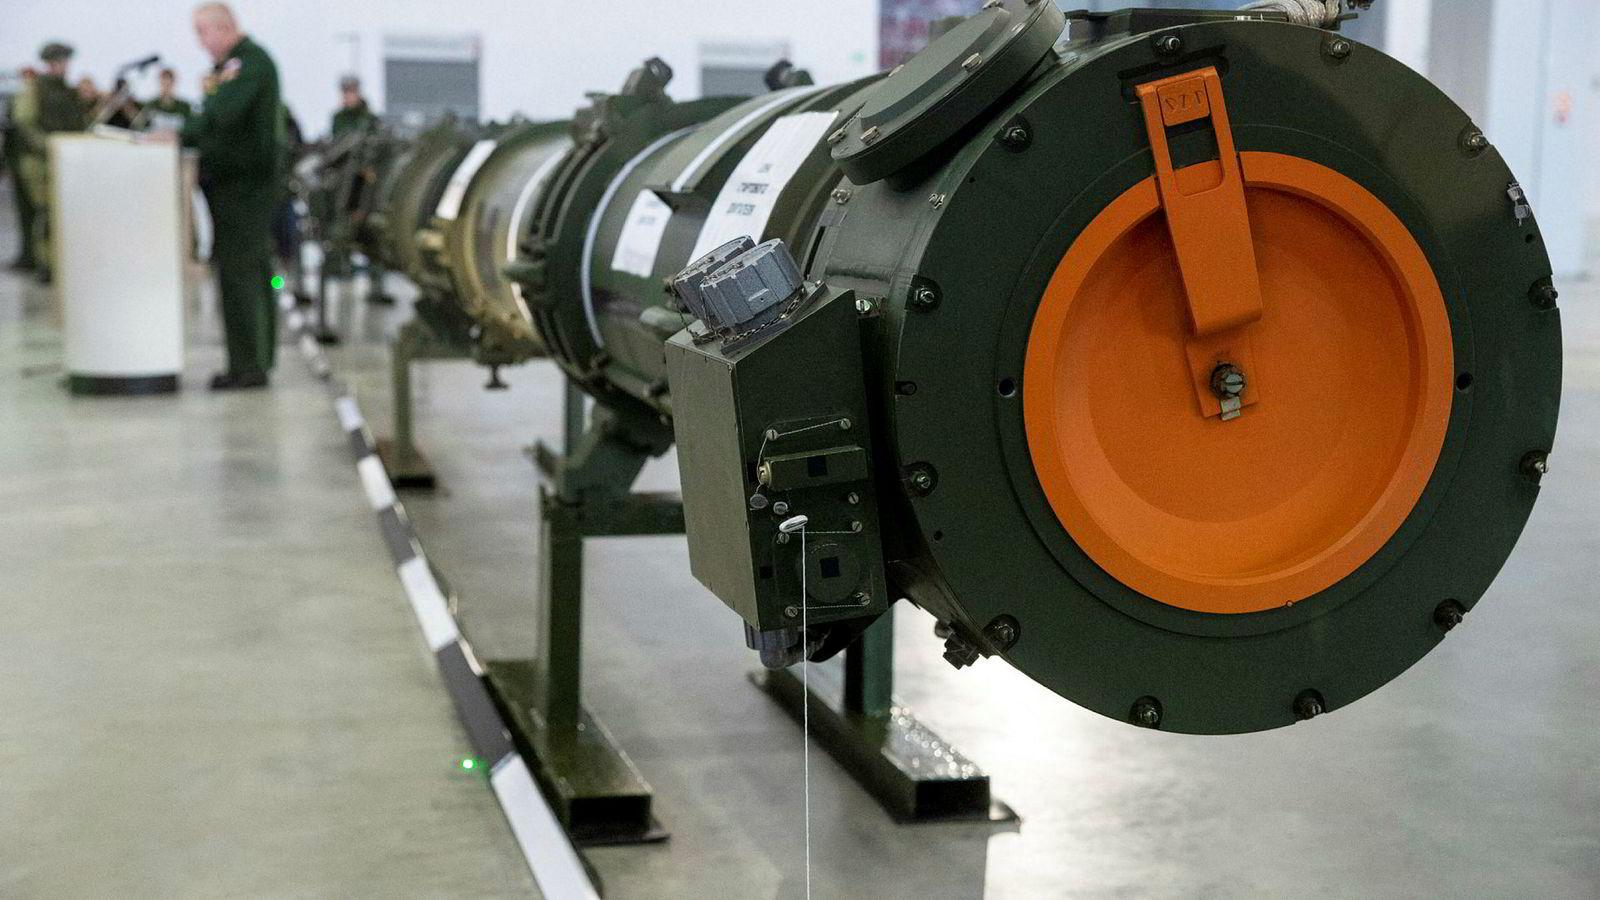 Russland viste frem sin landsbaserte mellomdistanserakett, 9M729, i Kubinka utenfor Moskva 23. januar i år. Raketten er den utløsende årsaken for at USA og deretter Russland trakk seg fra INF-avtalen.